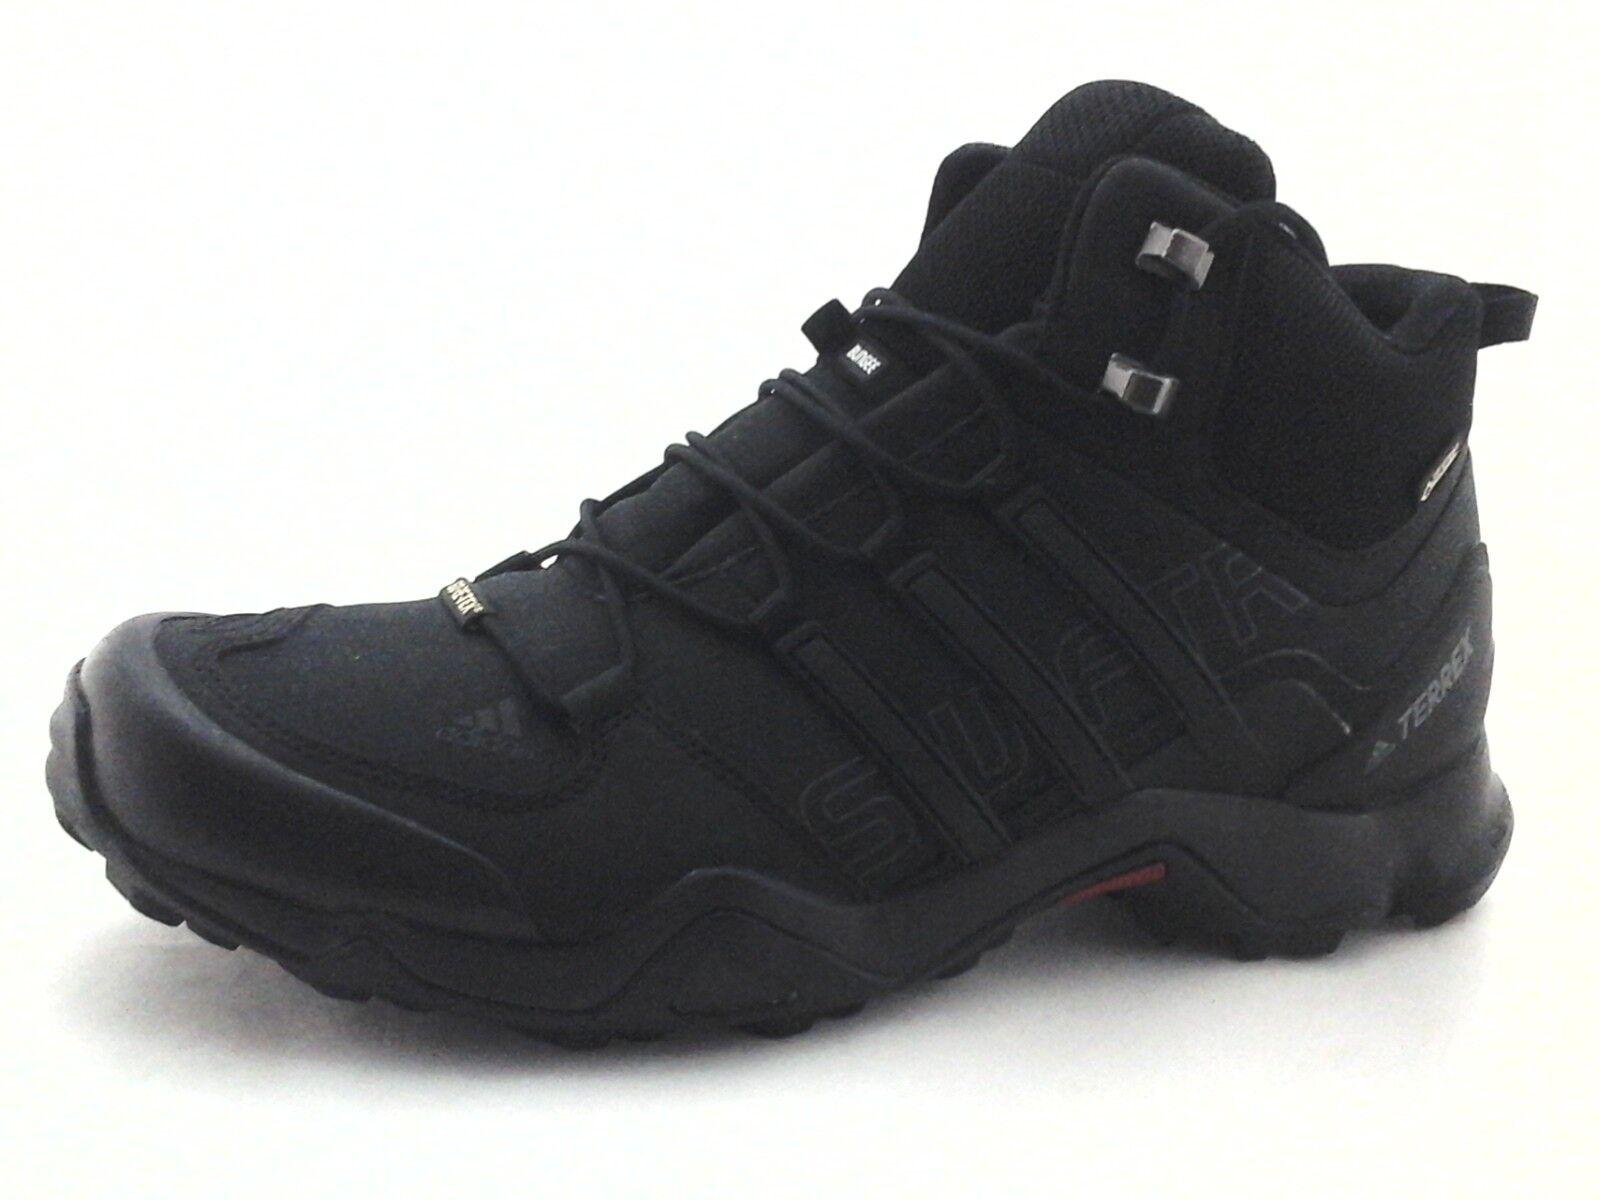 Adidas TERREX Hiking Boots Swift R Mid Black Gore-tex BB4638 US 11 EU 45 1 3 New